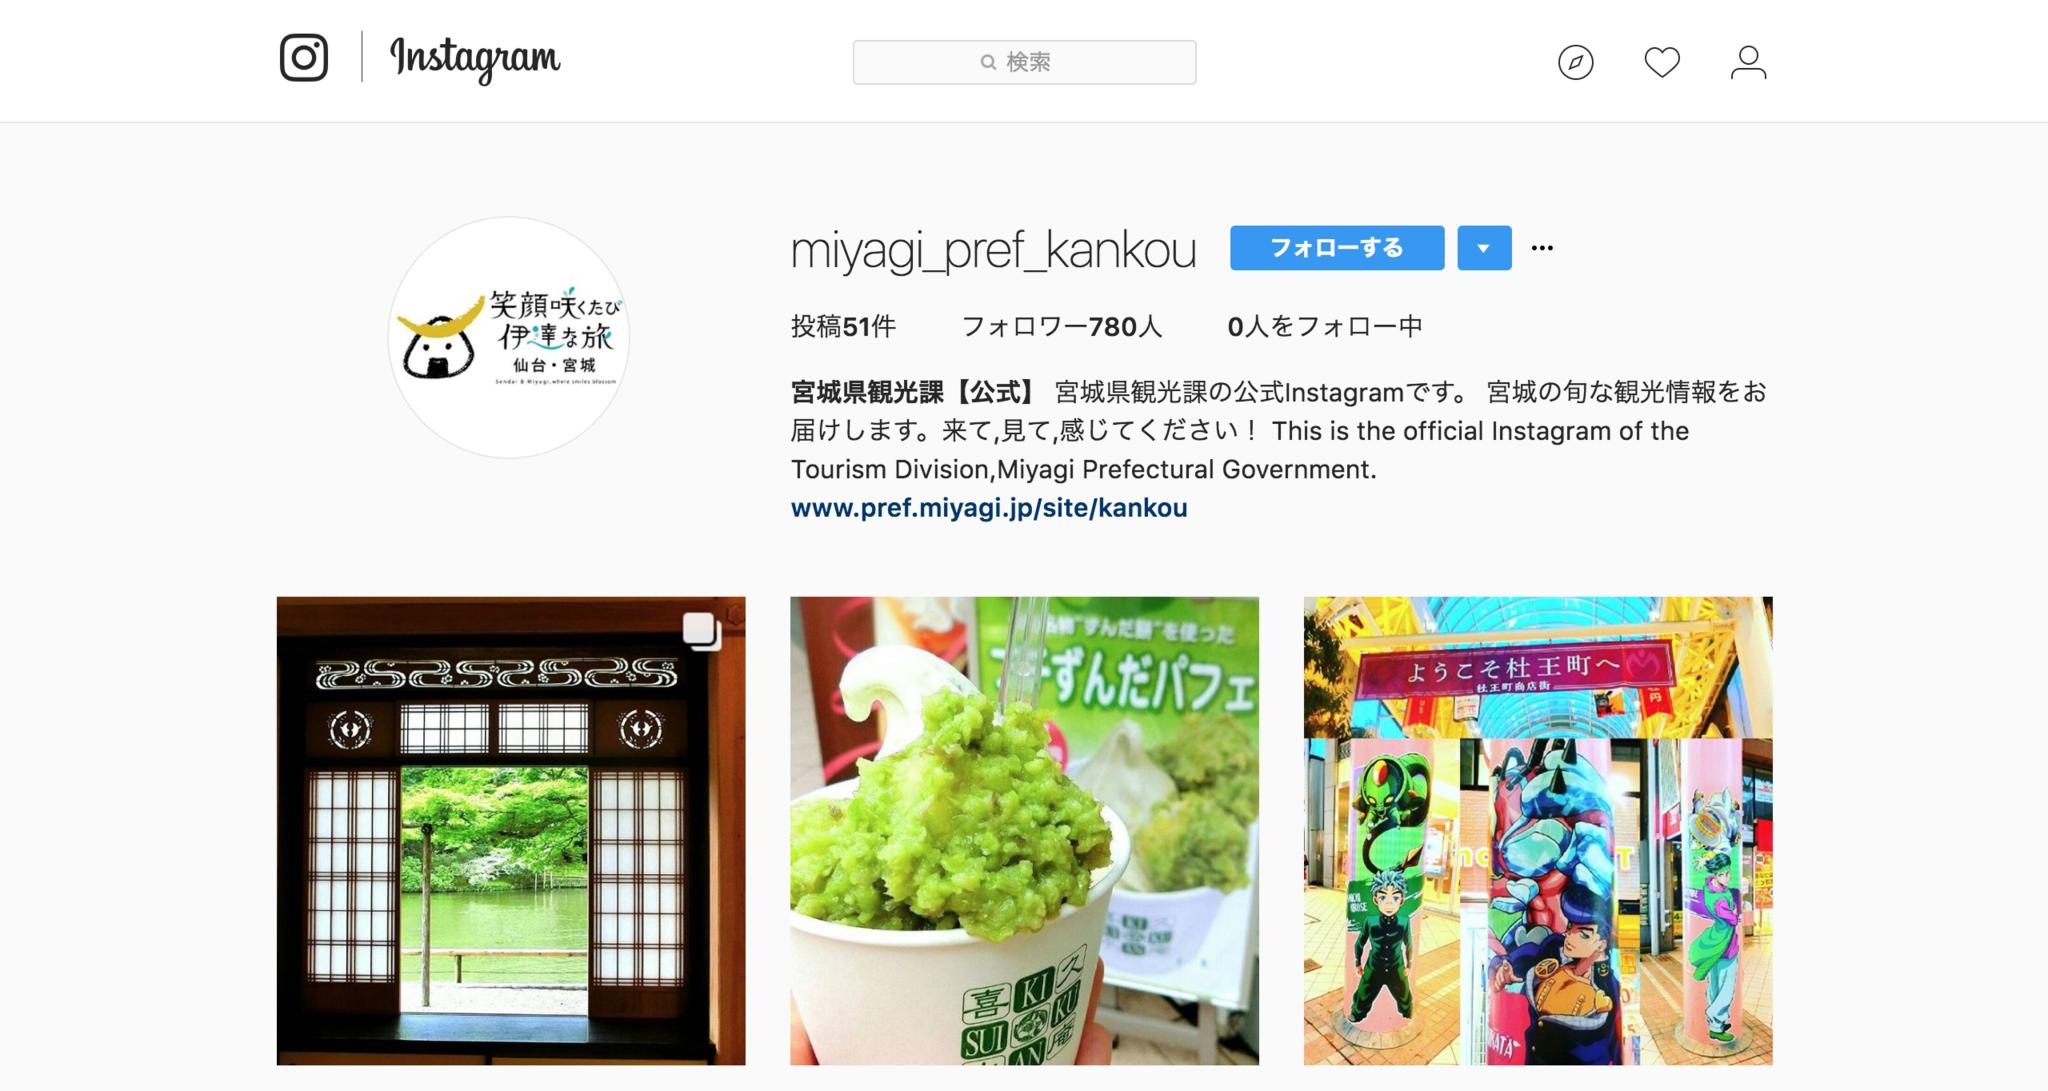 宮城県観光課【公式】さん__miyagi_pref_kankou__•_Instagram写真と動画.png